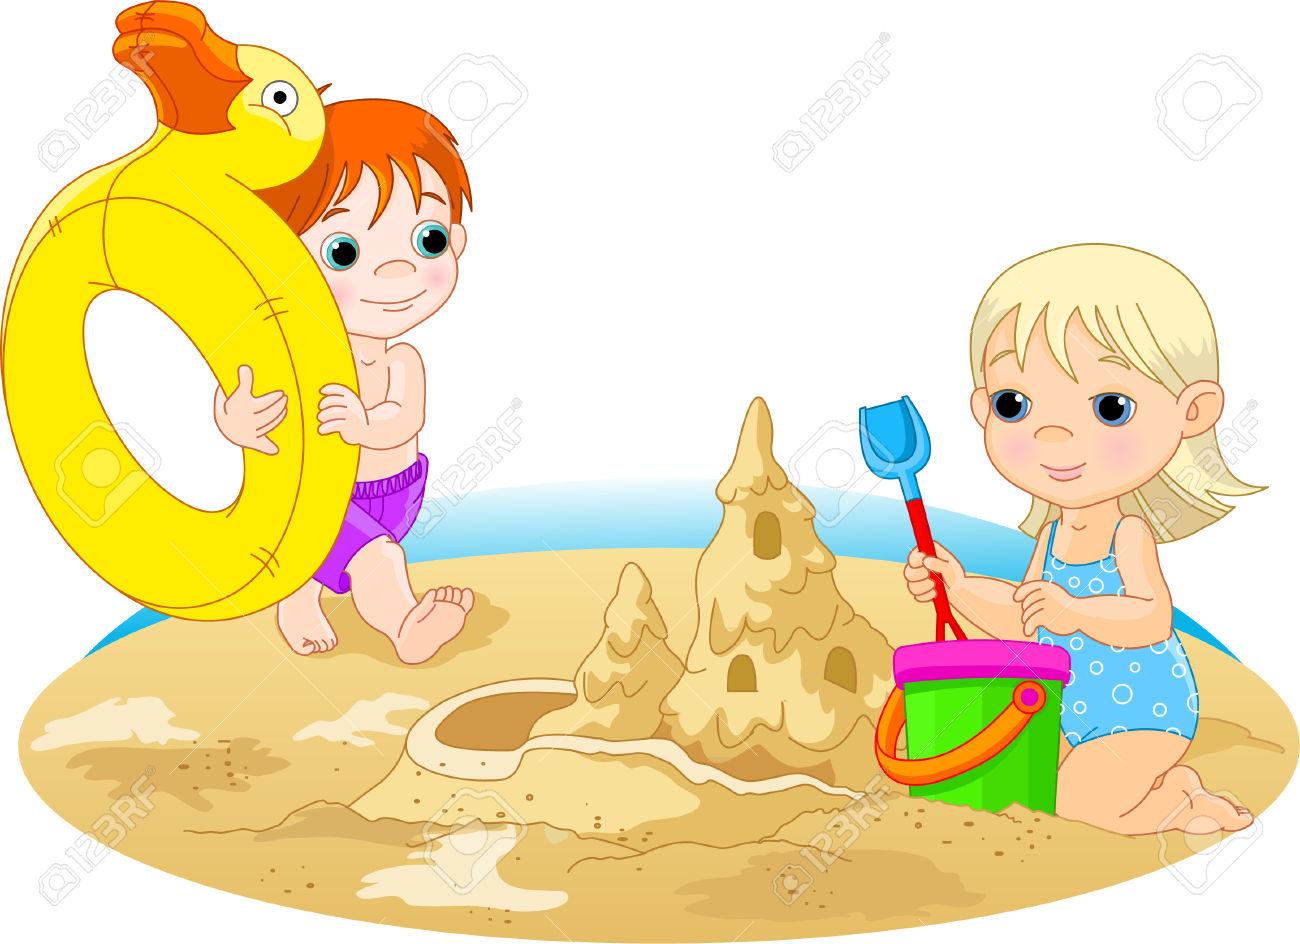 Building a sandcastle clipart.